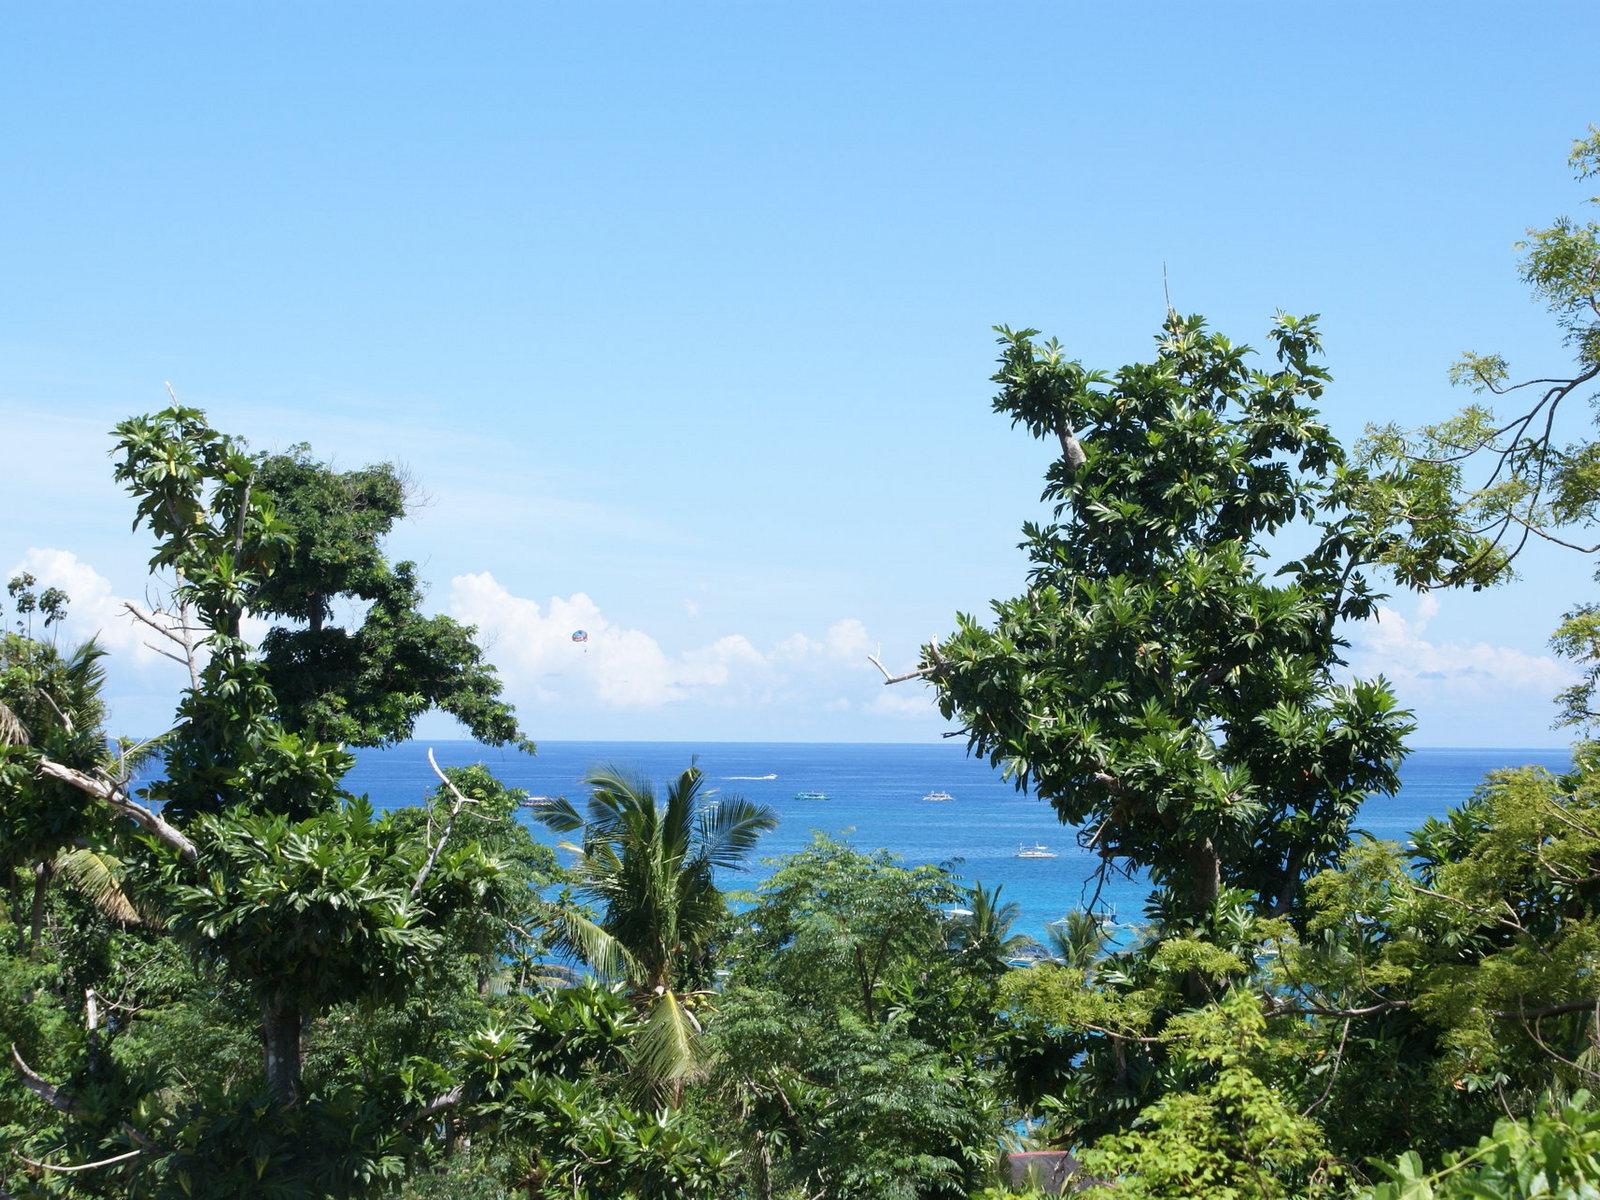 Картинки филиппинских островов